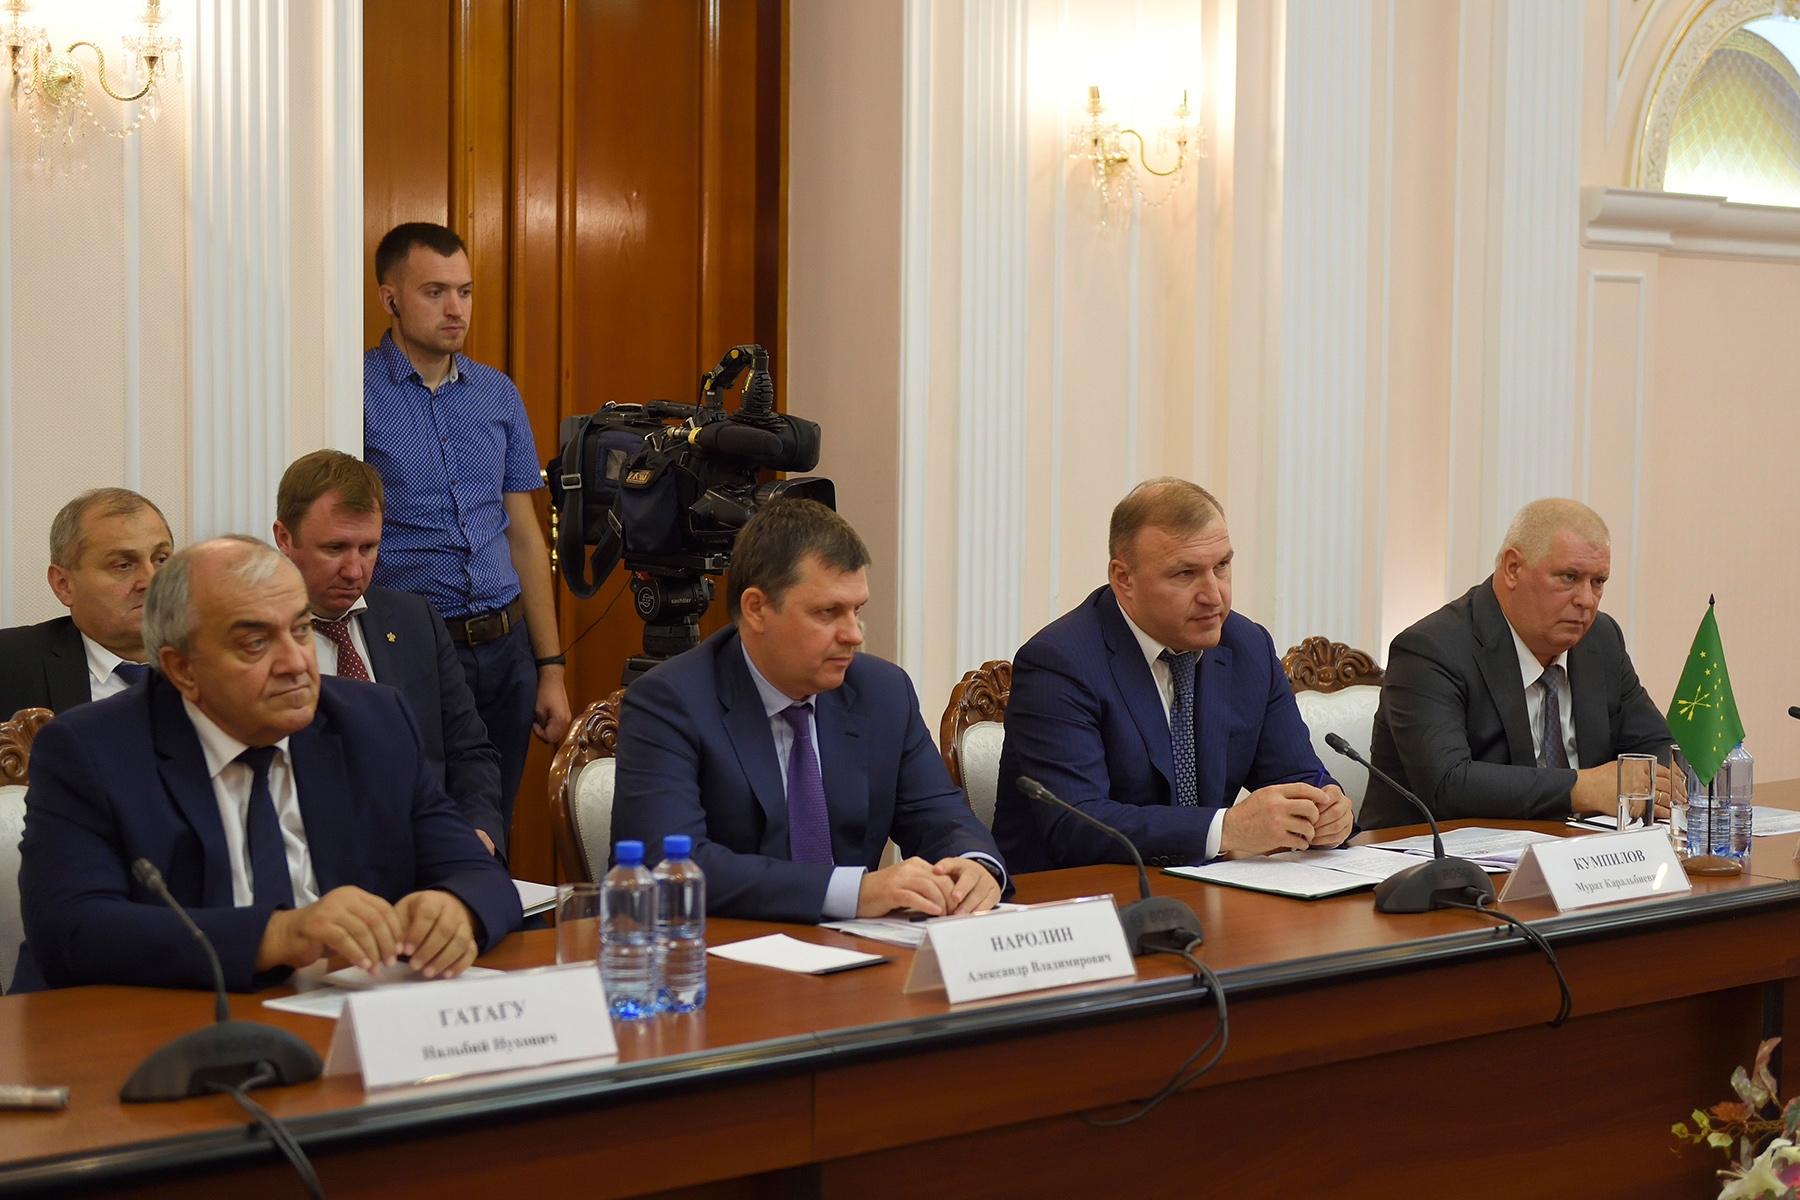 Адыгея и Кубань договорились о совместном участии в реализации Стратегии пространственного развития РФ